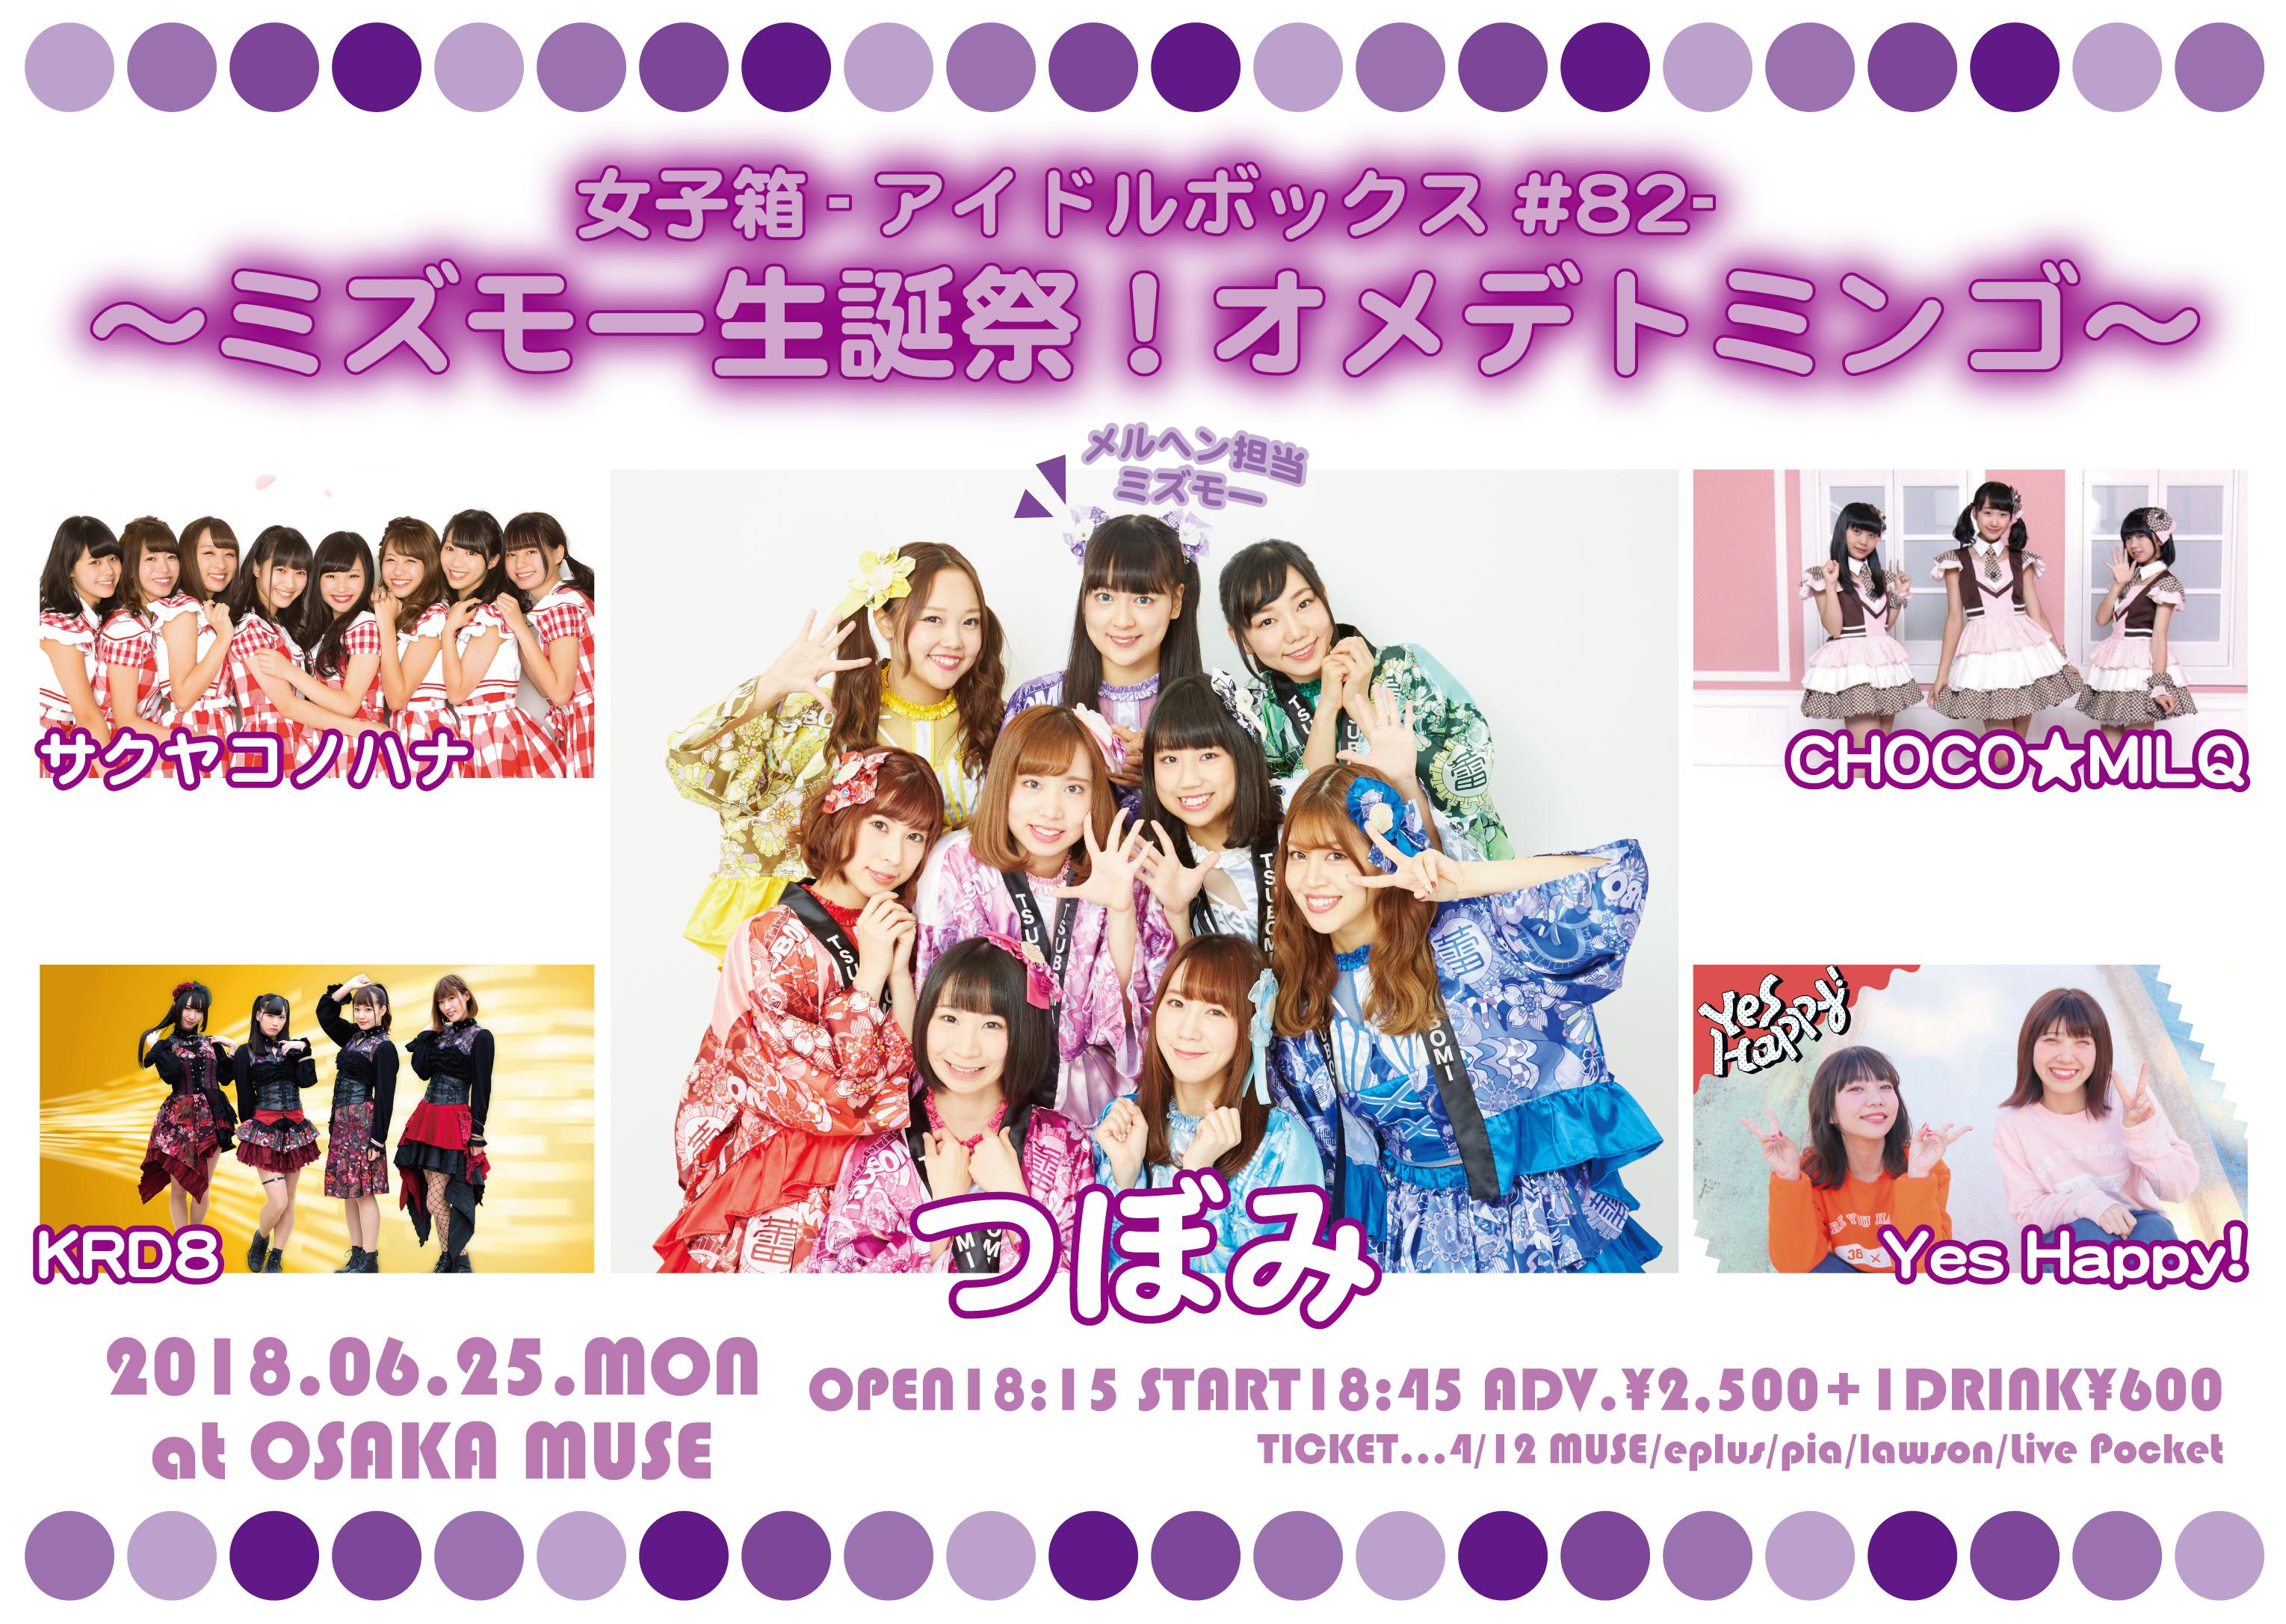 女子箱 -アイドルボックス #82- 〜ミズモー生誕祭!オメデトミンゴ〜